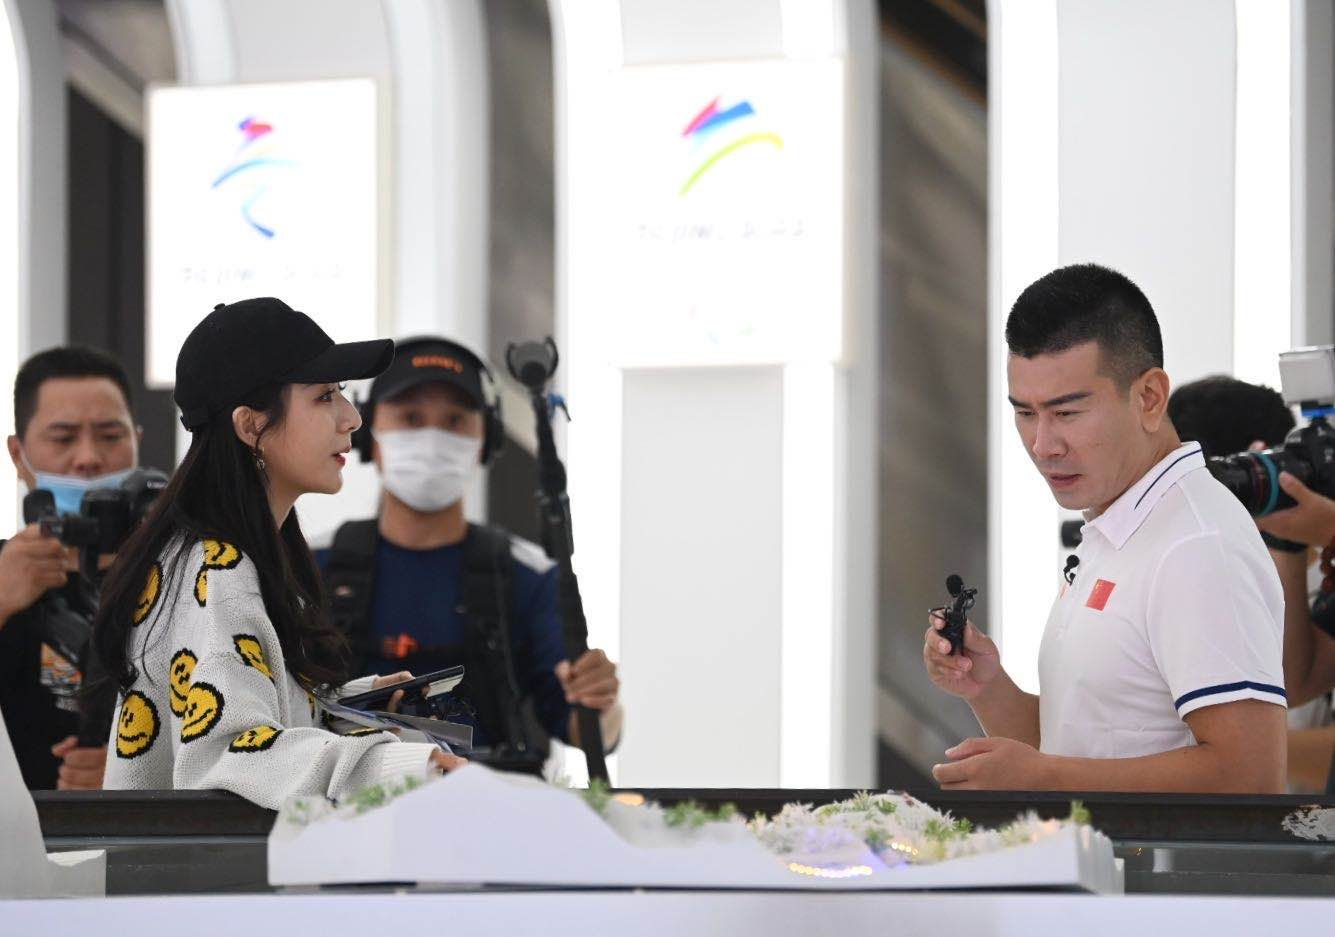 北京冬奥会倒计时500天来临,3位冬奥冠军和薇娅一起直播图片